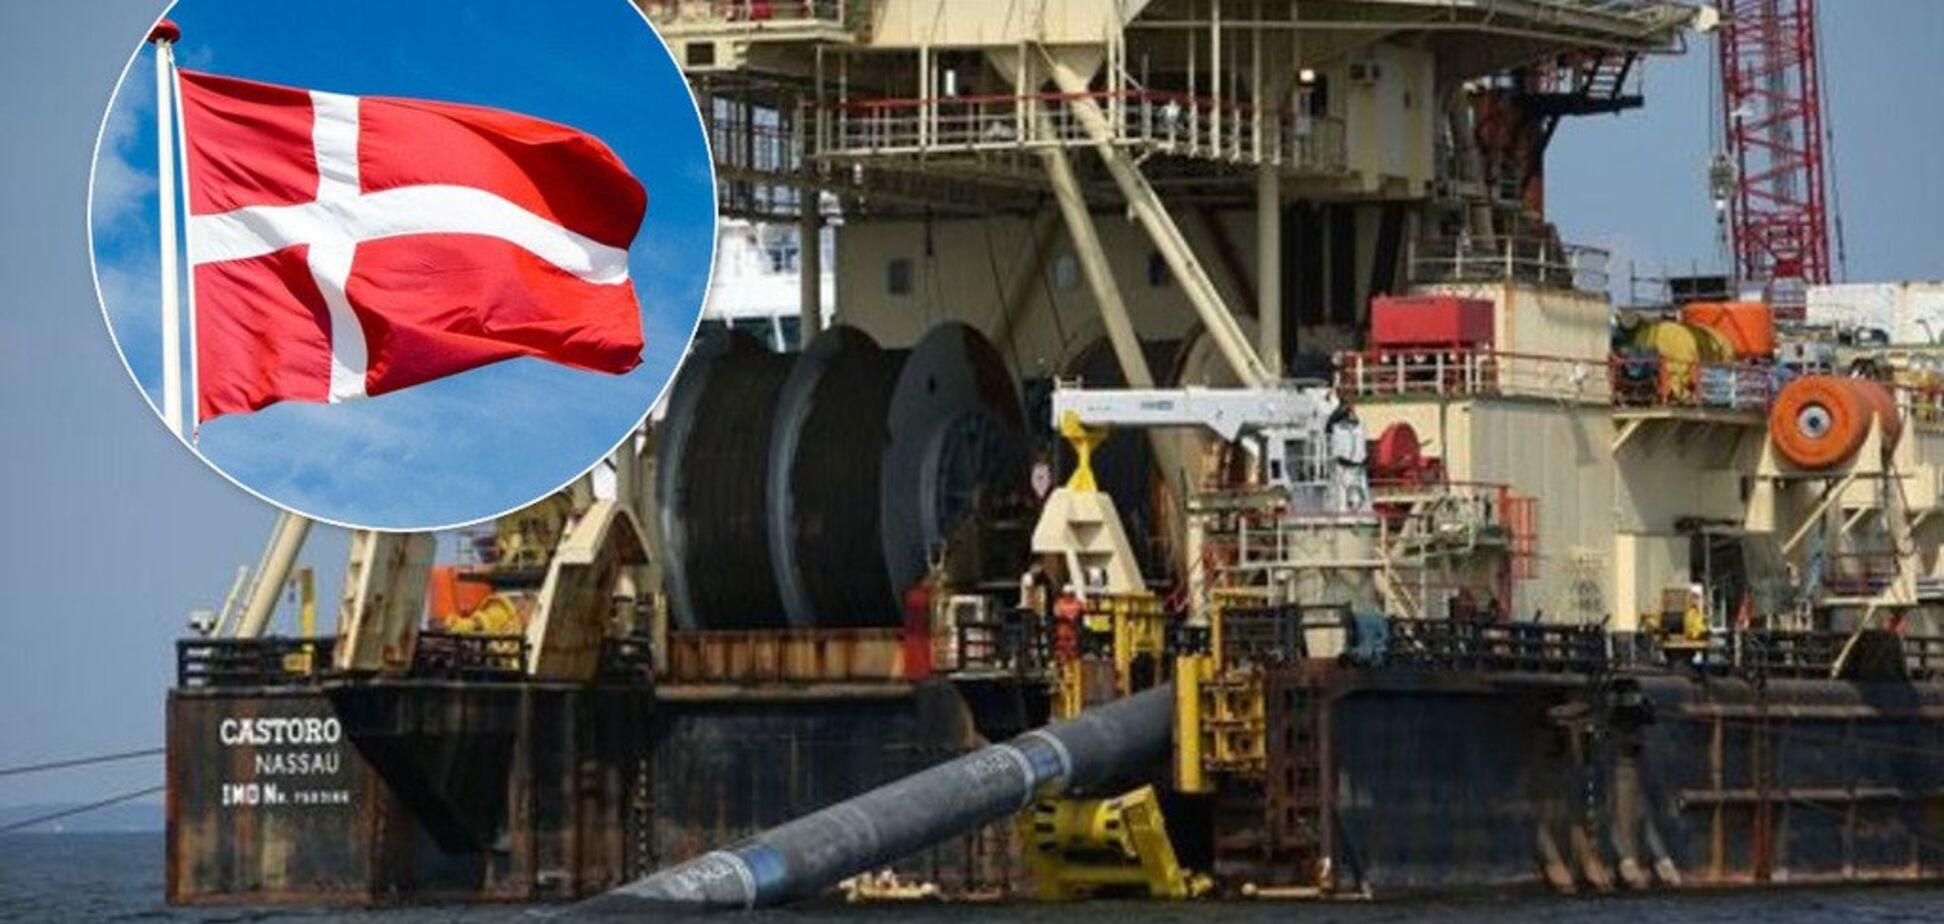 Дания пойдет на уступки? Россия сделала смелое заявление по 'Северному потоку-2'